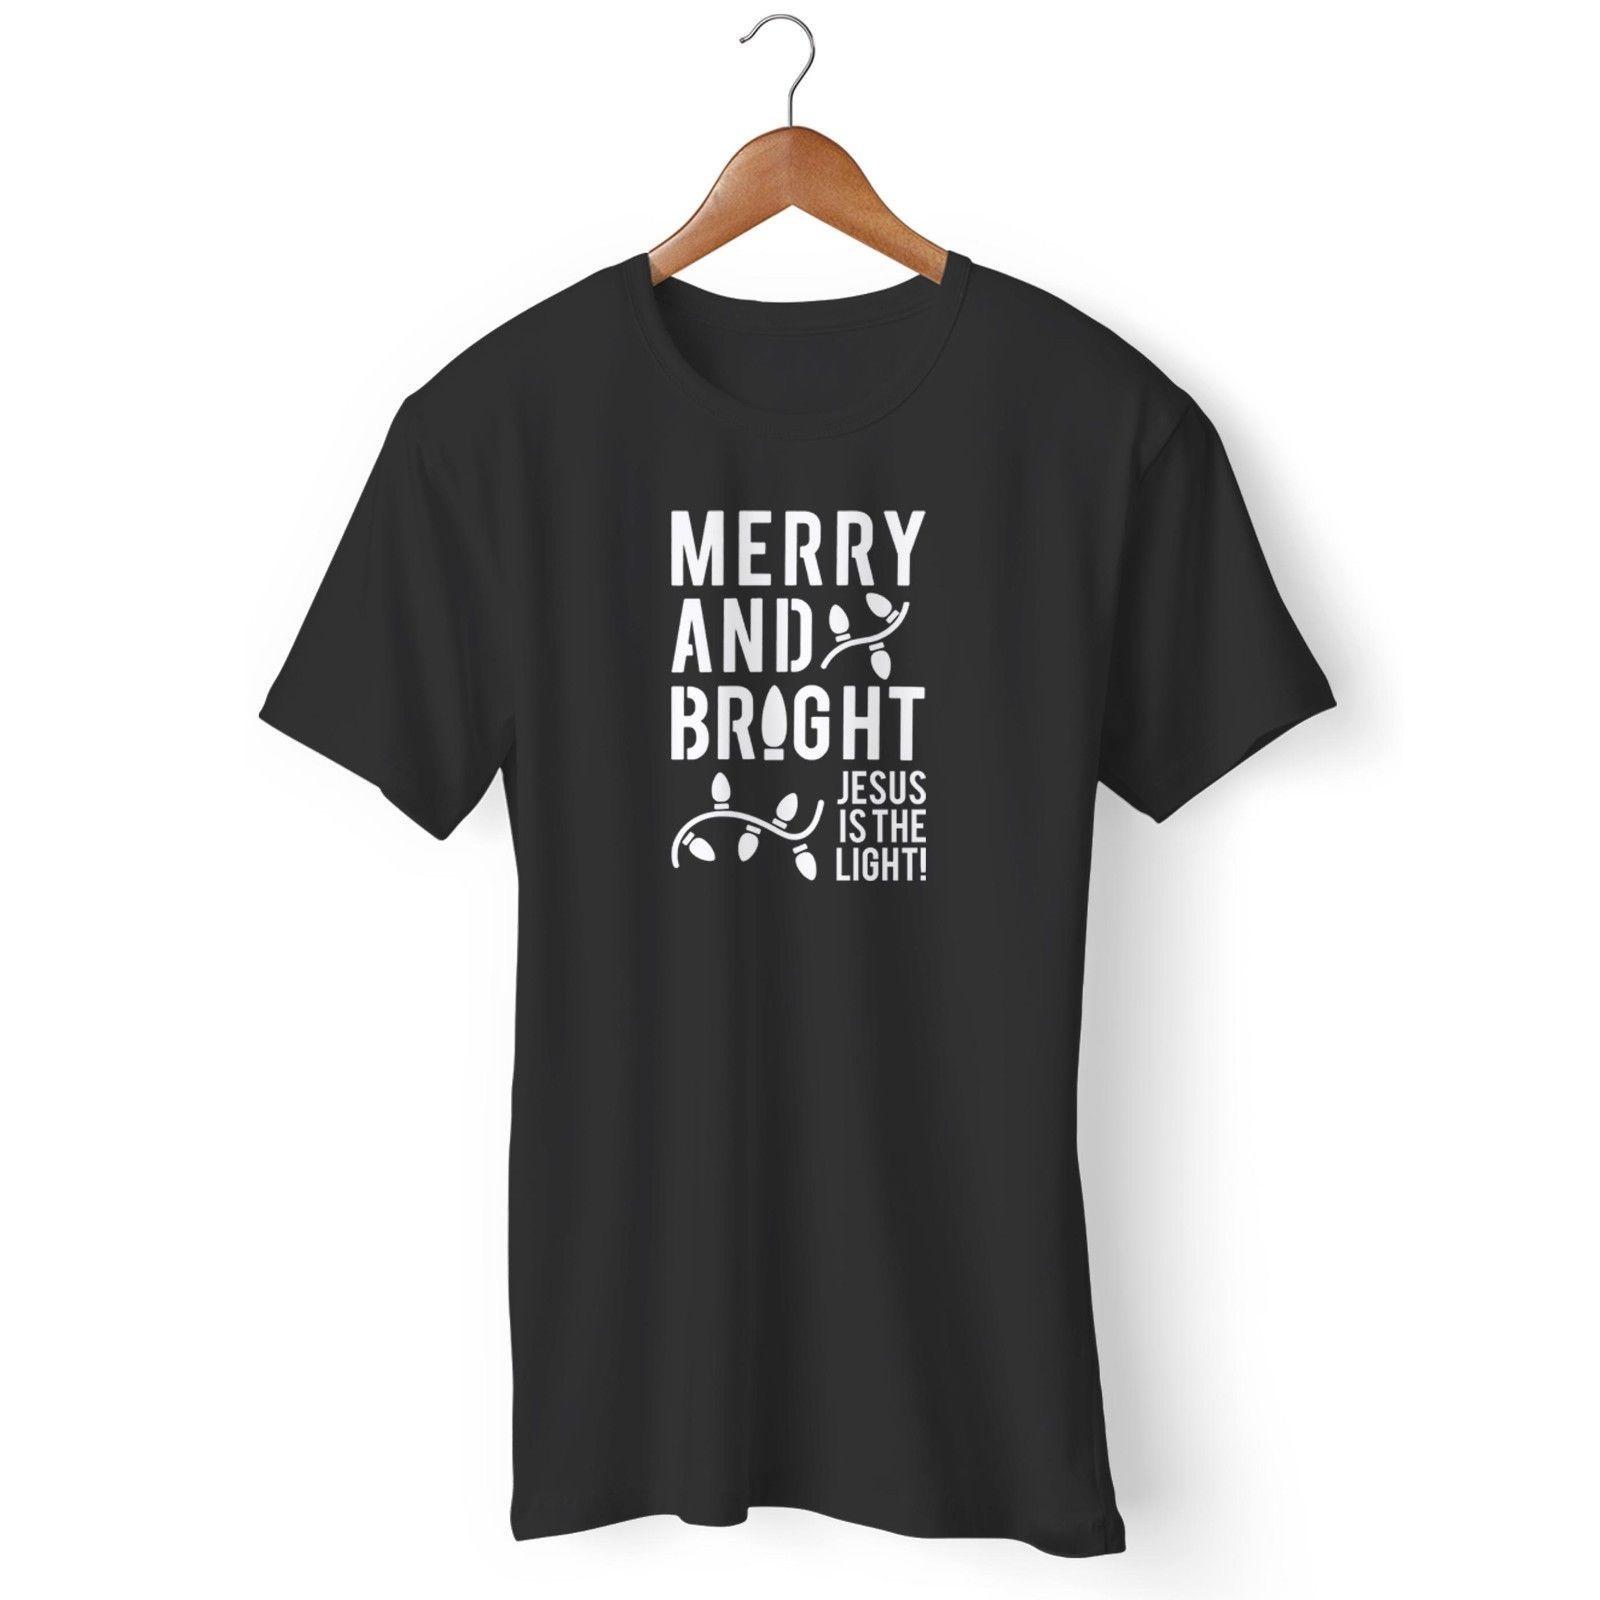 24b9265b5 Christian Christmas Tee Shirts - DREAMWORKS